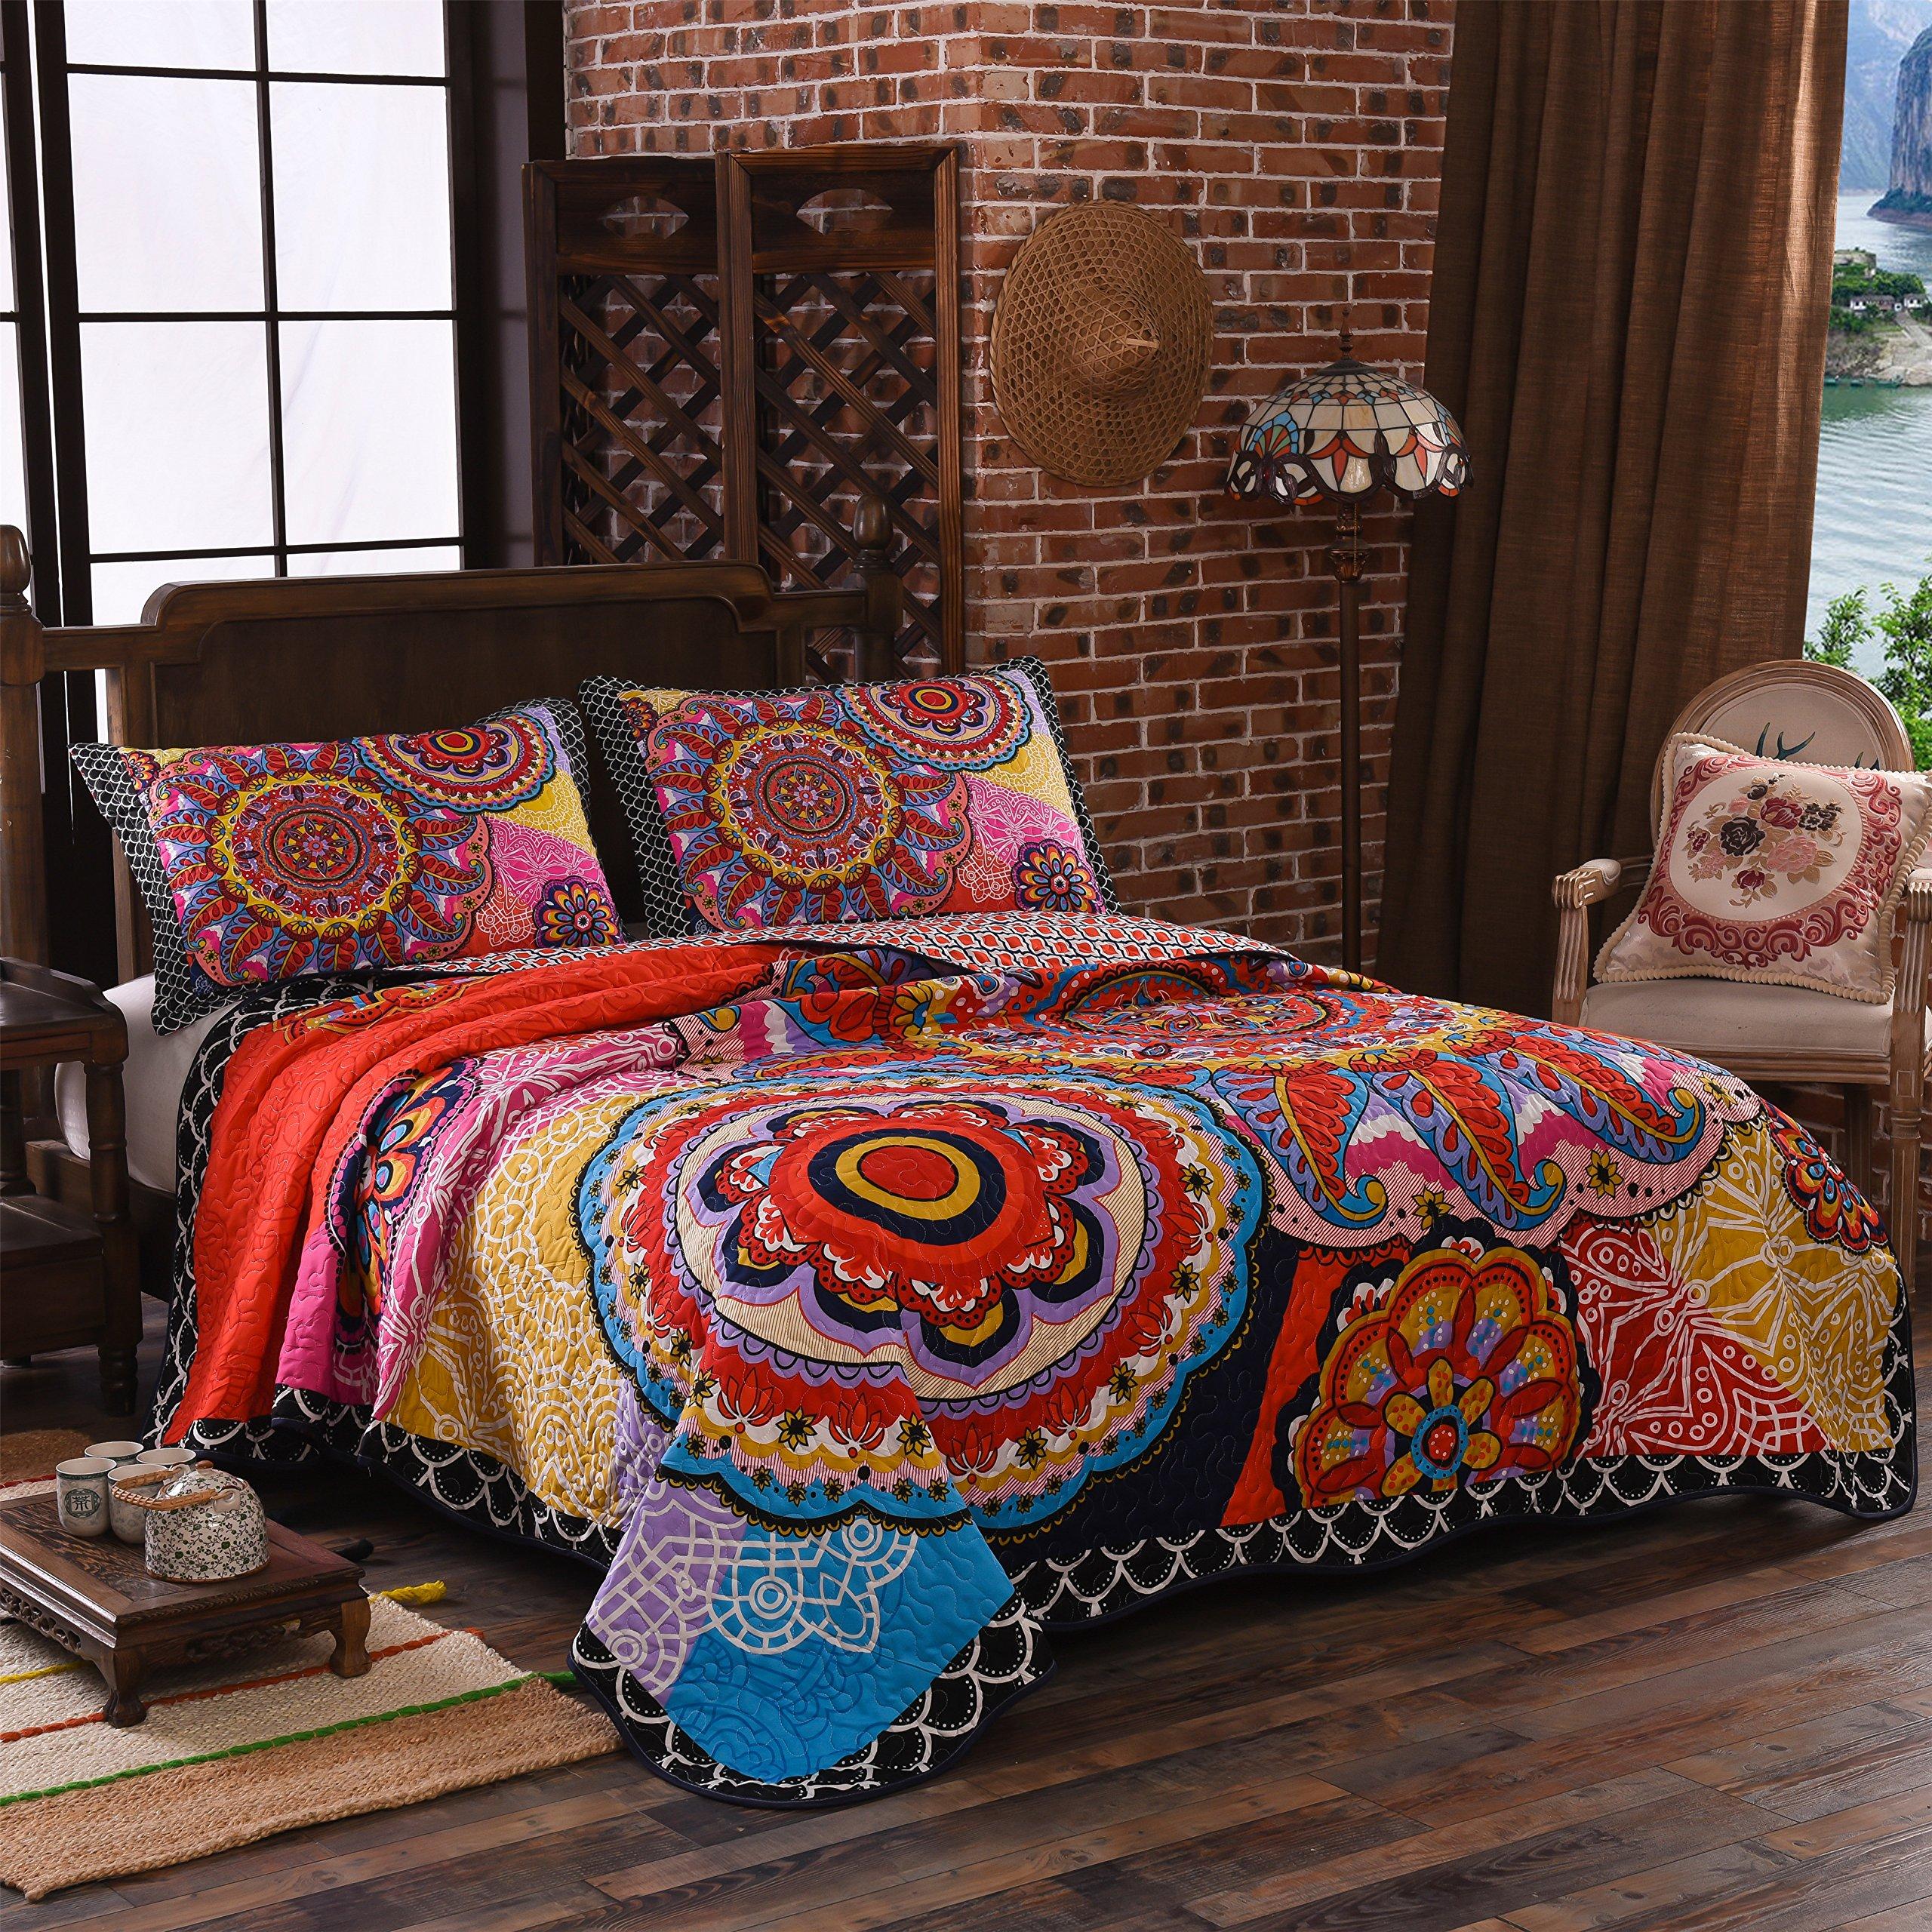 LAMEJOR Quilt Set Queen Size Tropical Bohemian Pattern Reversible Comforter Set 3-Piece Bedspread Coverlet Set Microfiber Color Orange